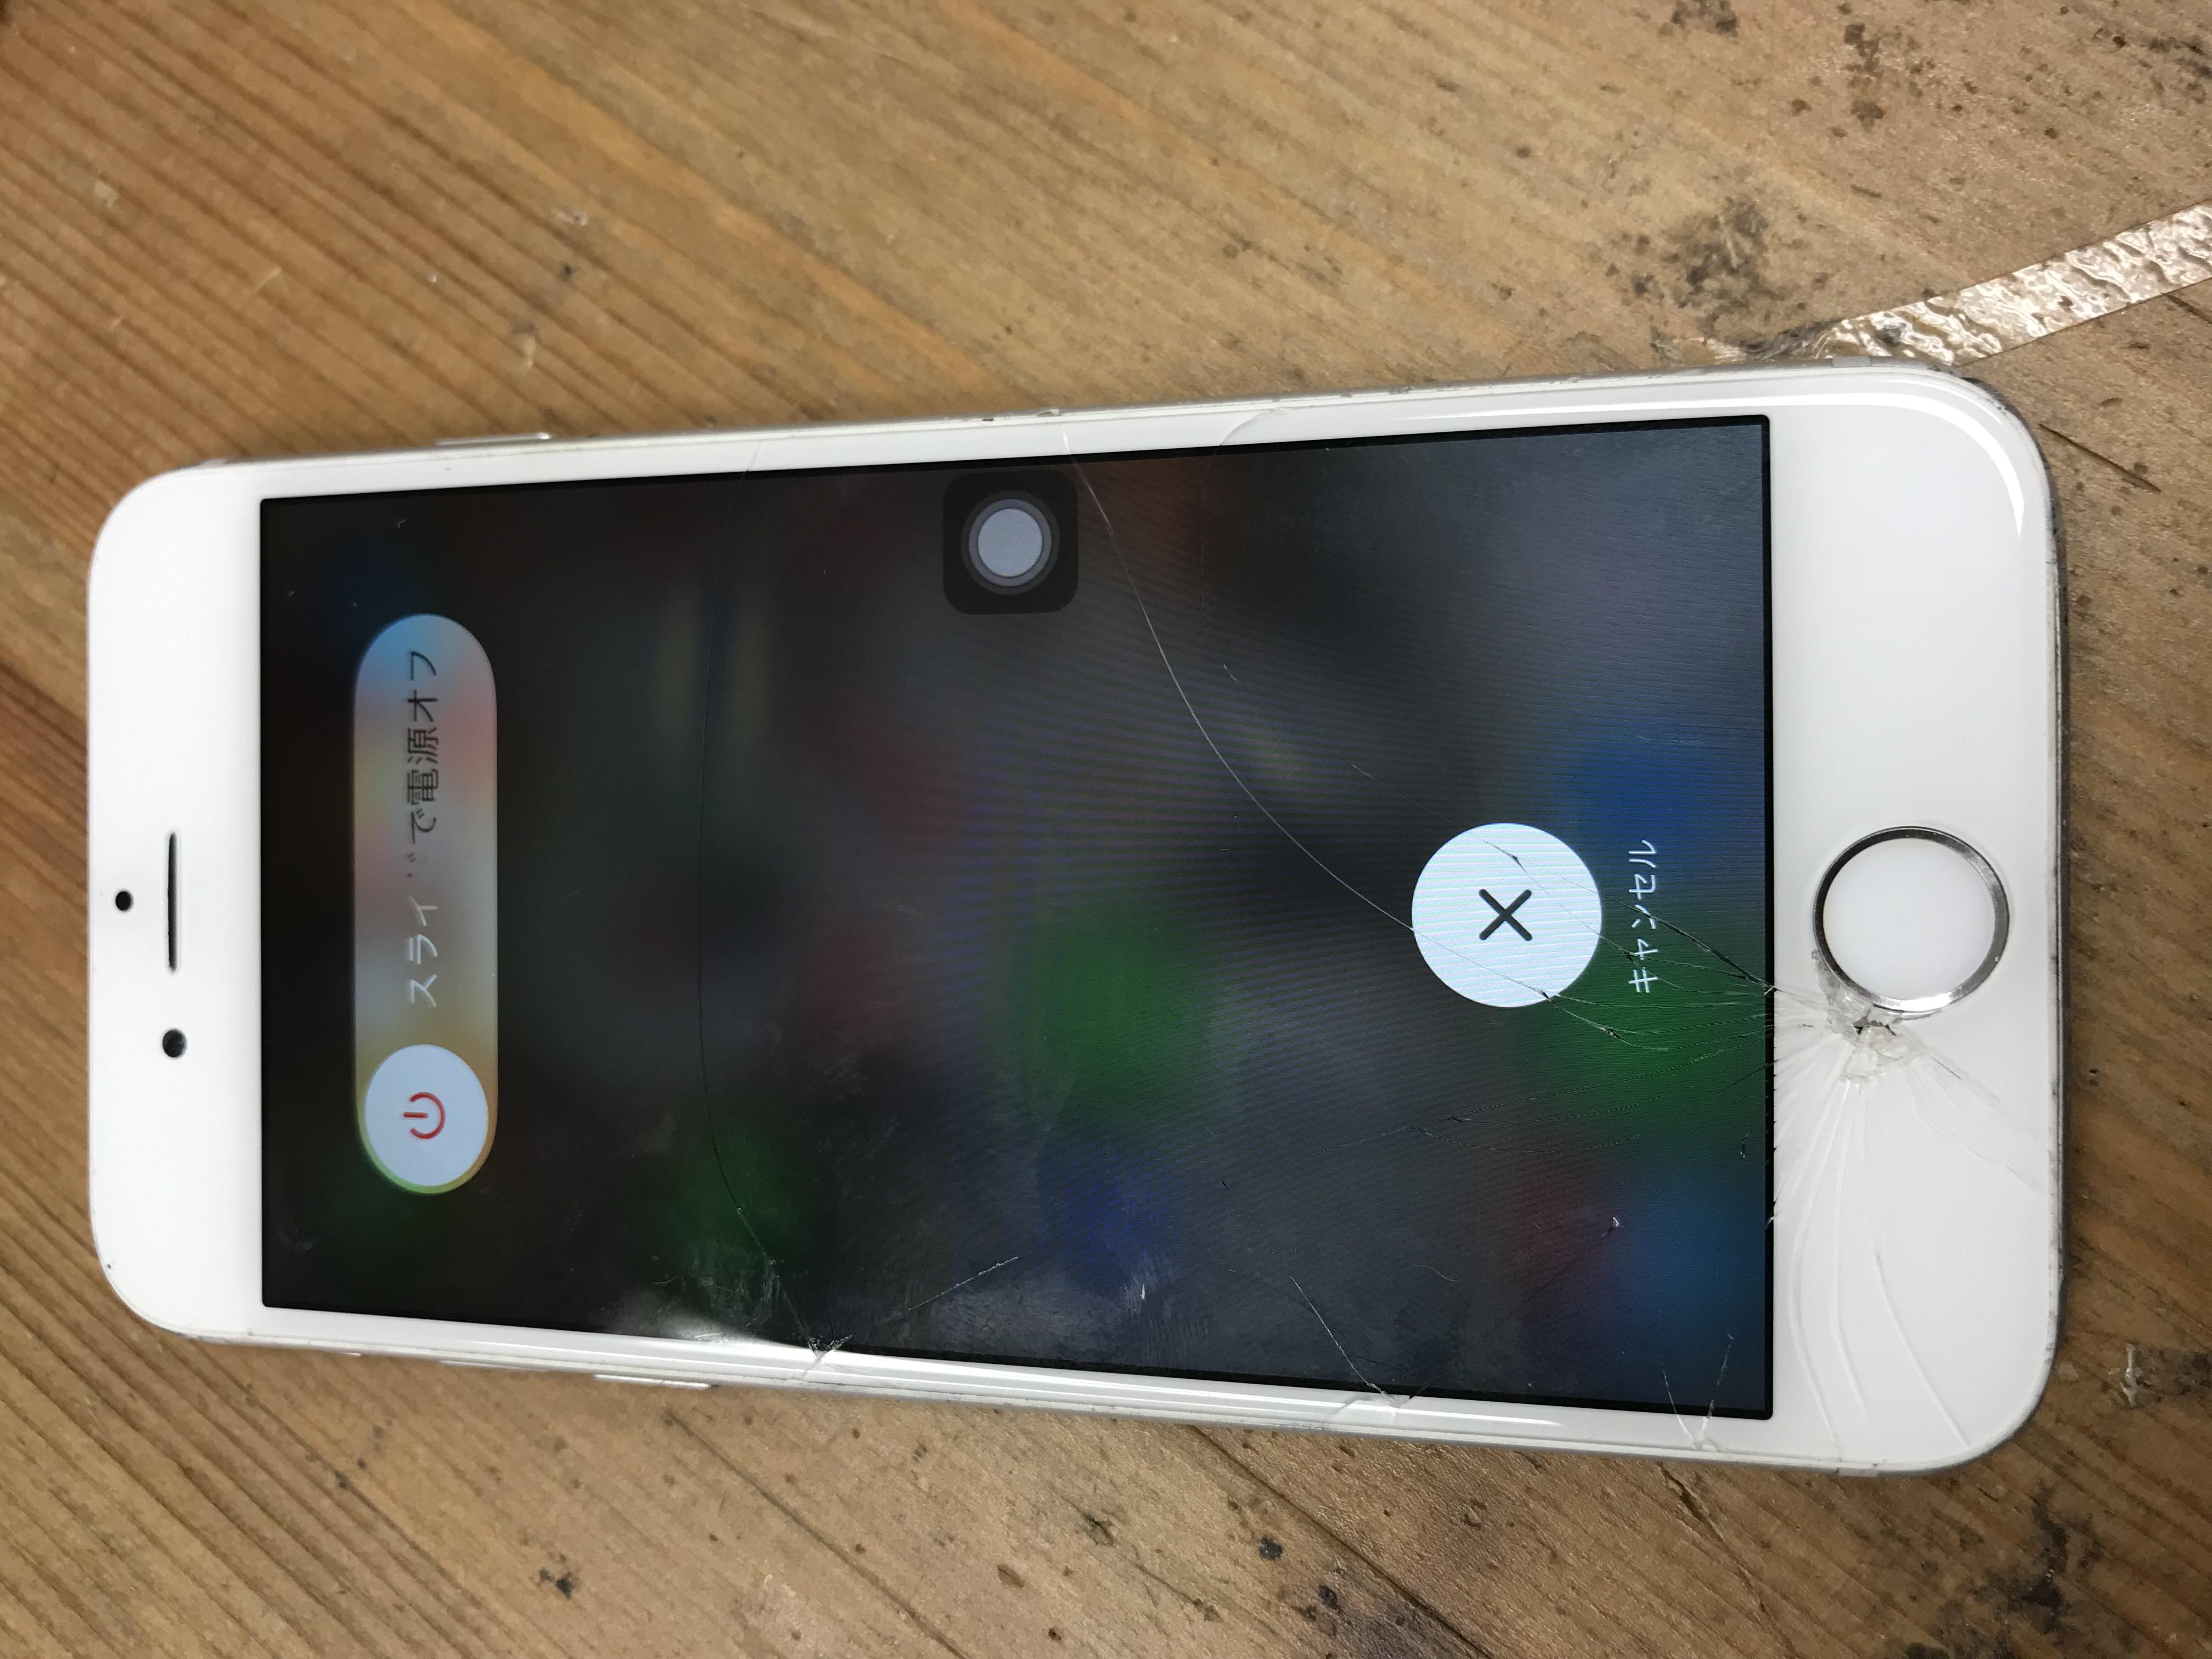 修理前:ガラス割れしたiPhone6の画面交換修理をしました。